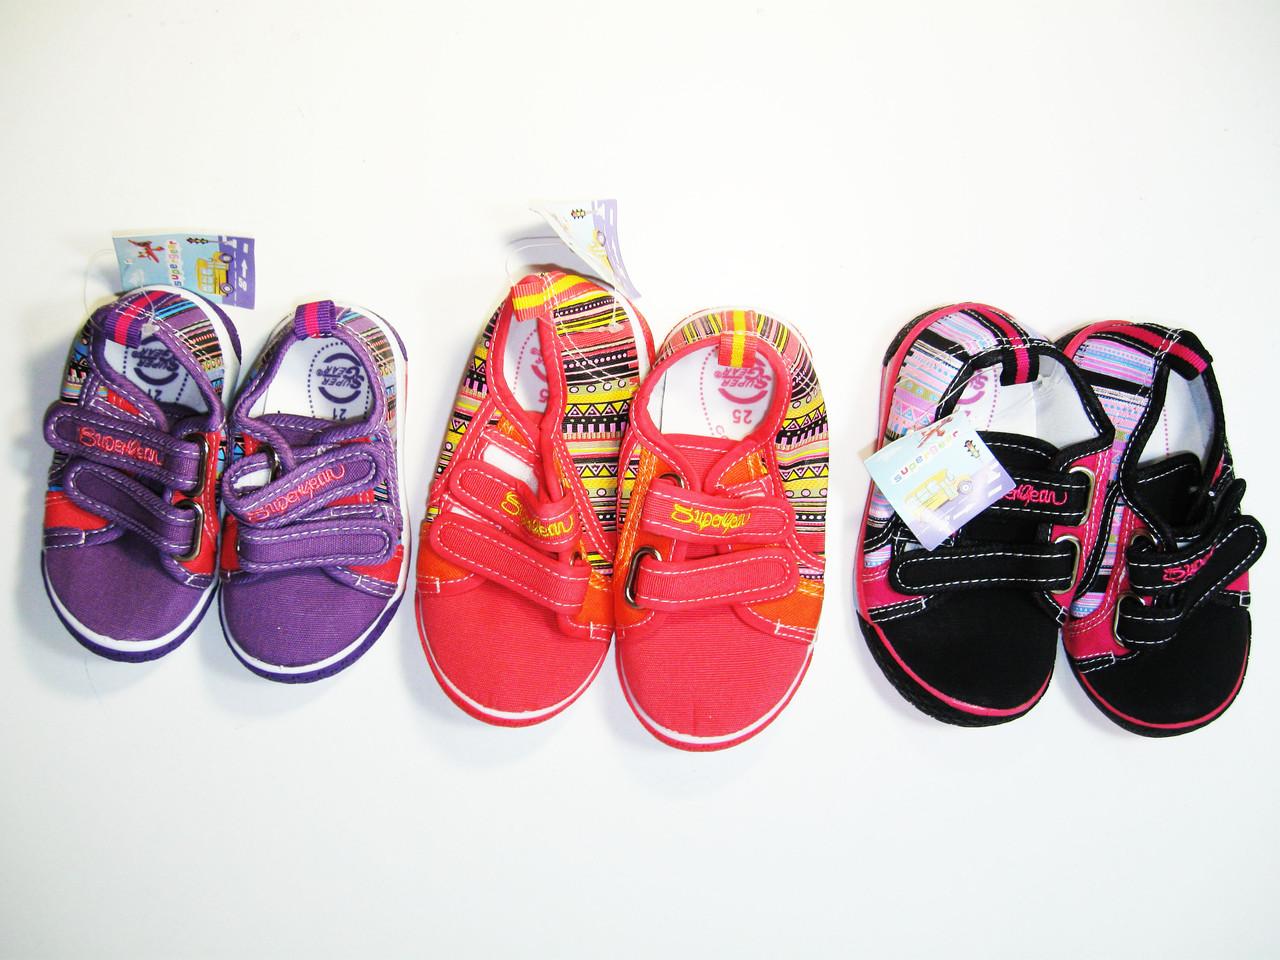 10b5f2724 Текстильная обувь для девочек, размеры 21,24, арт. A-9843, цена 105 ...